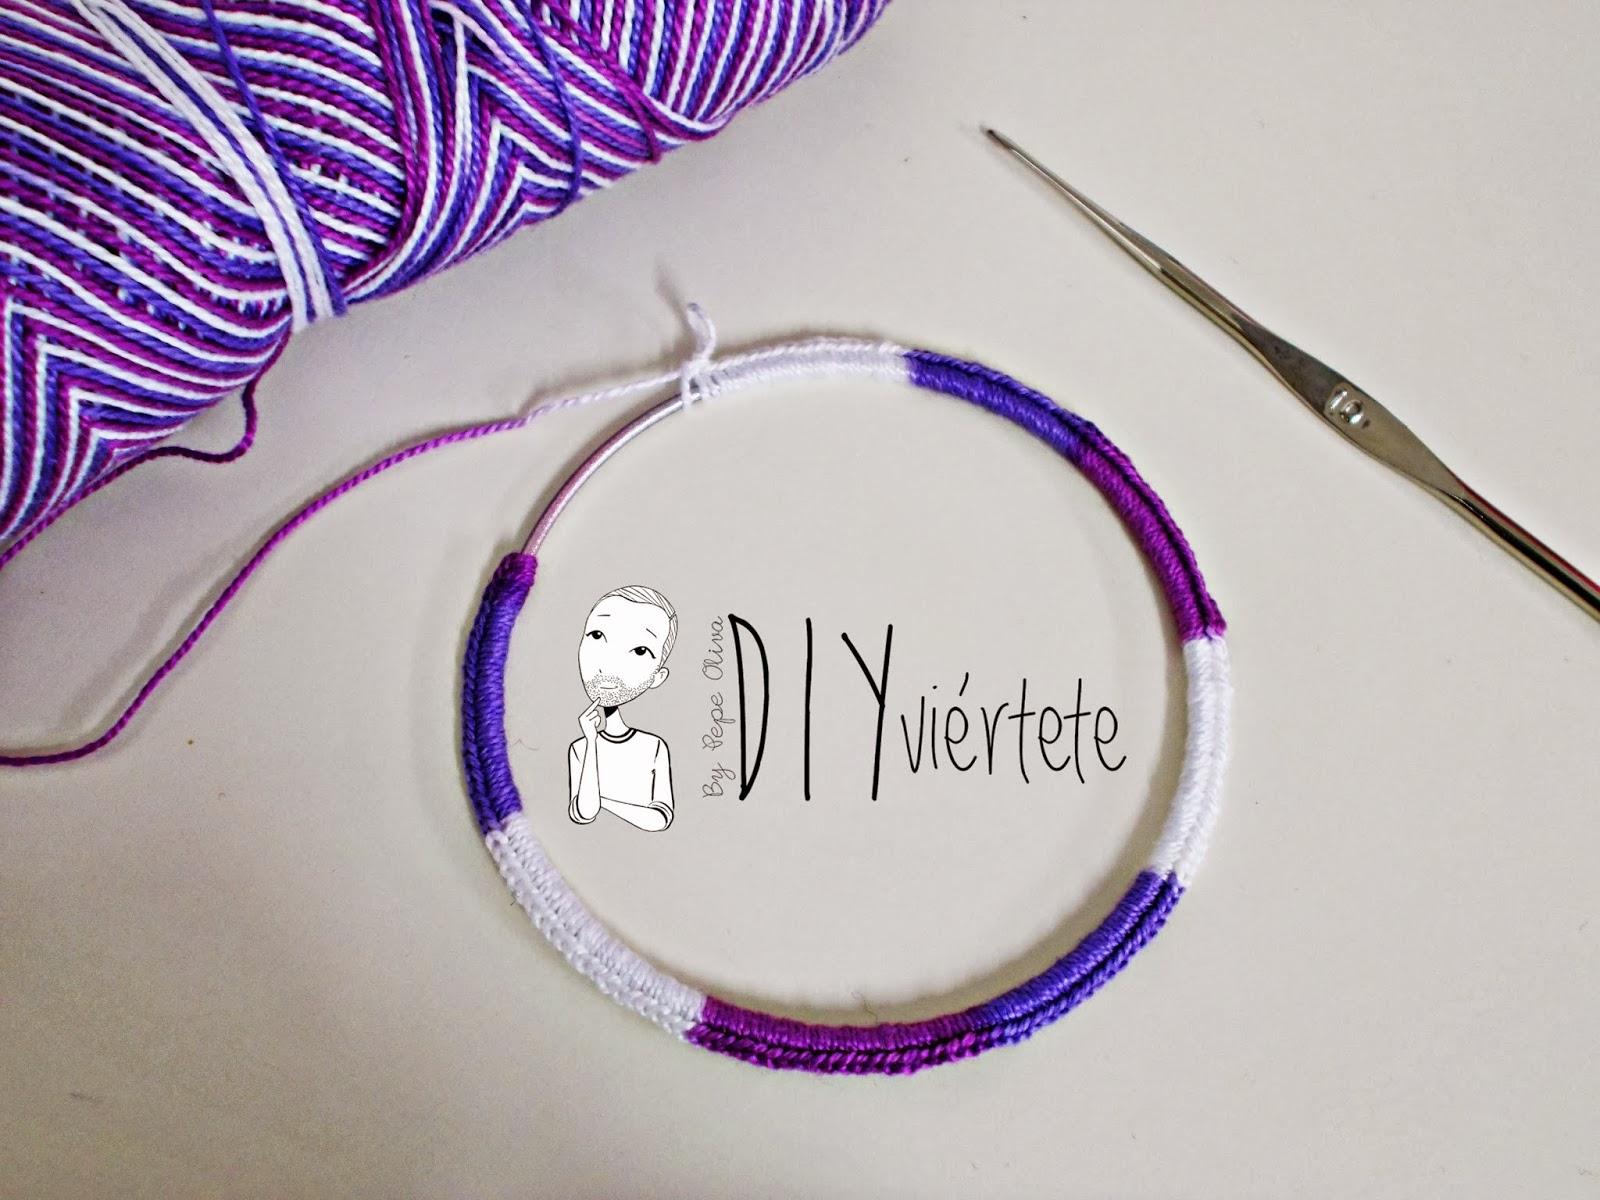 DIY-zarcillo-pendiente-bisutería-ganchillo-crochet-flamenca-Diyviértete1